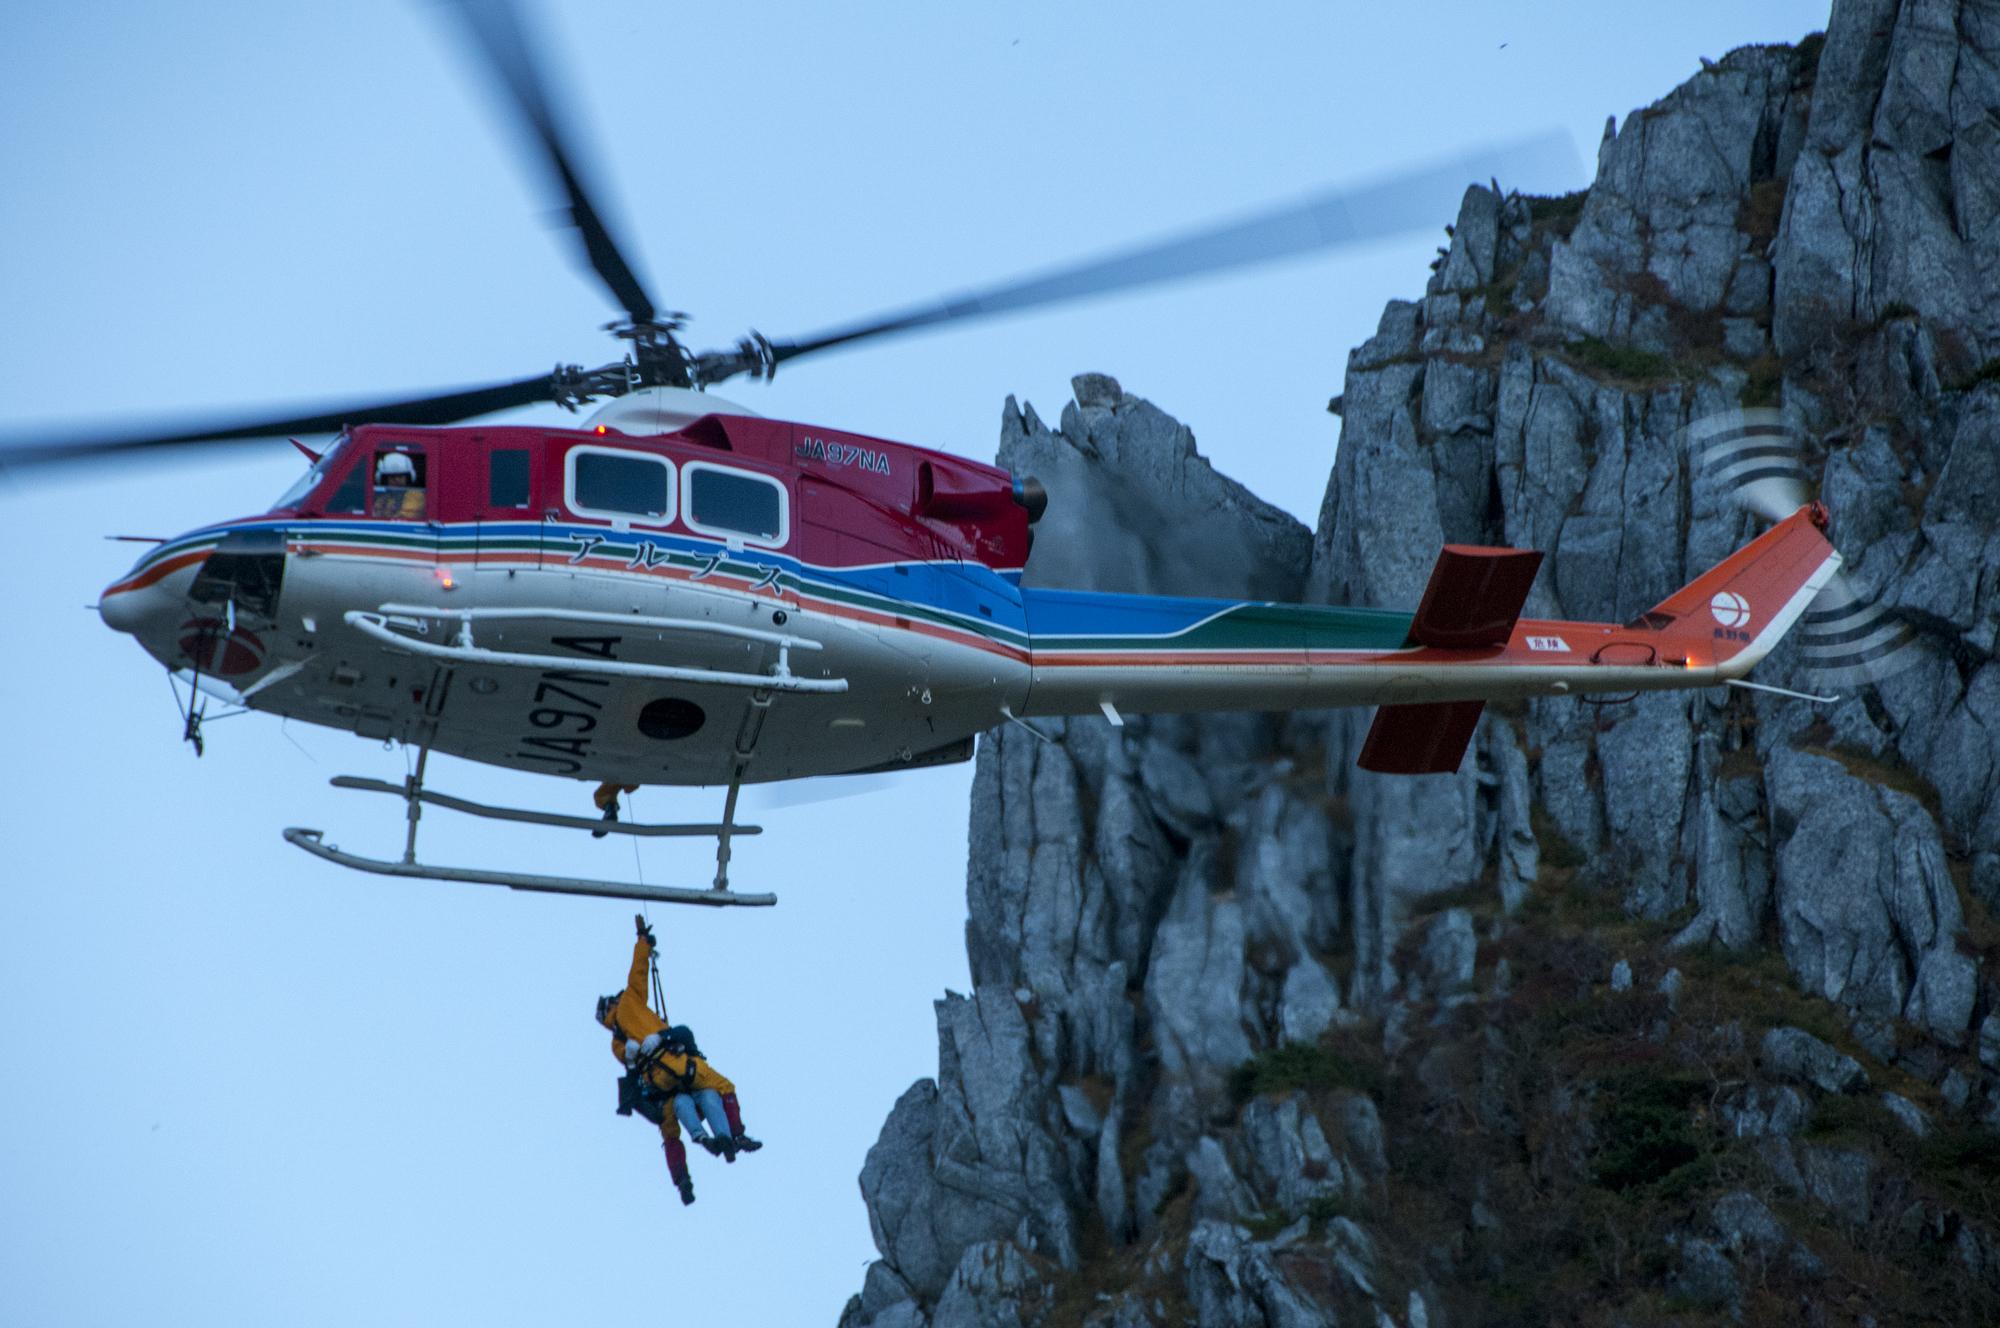 山岳遭難は誰にでも起こり得る!遭難を防ぐために事前に準備できること